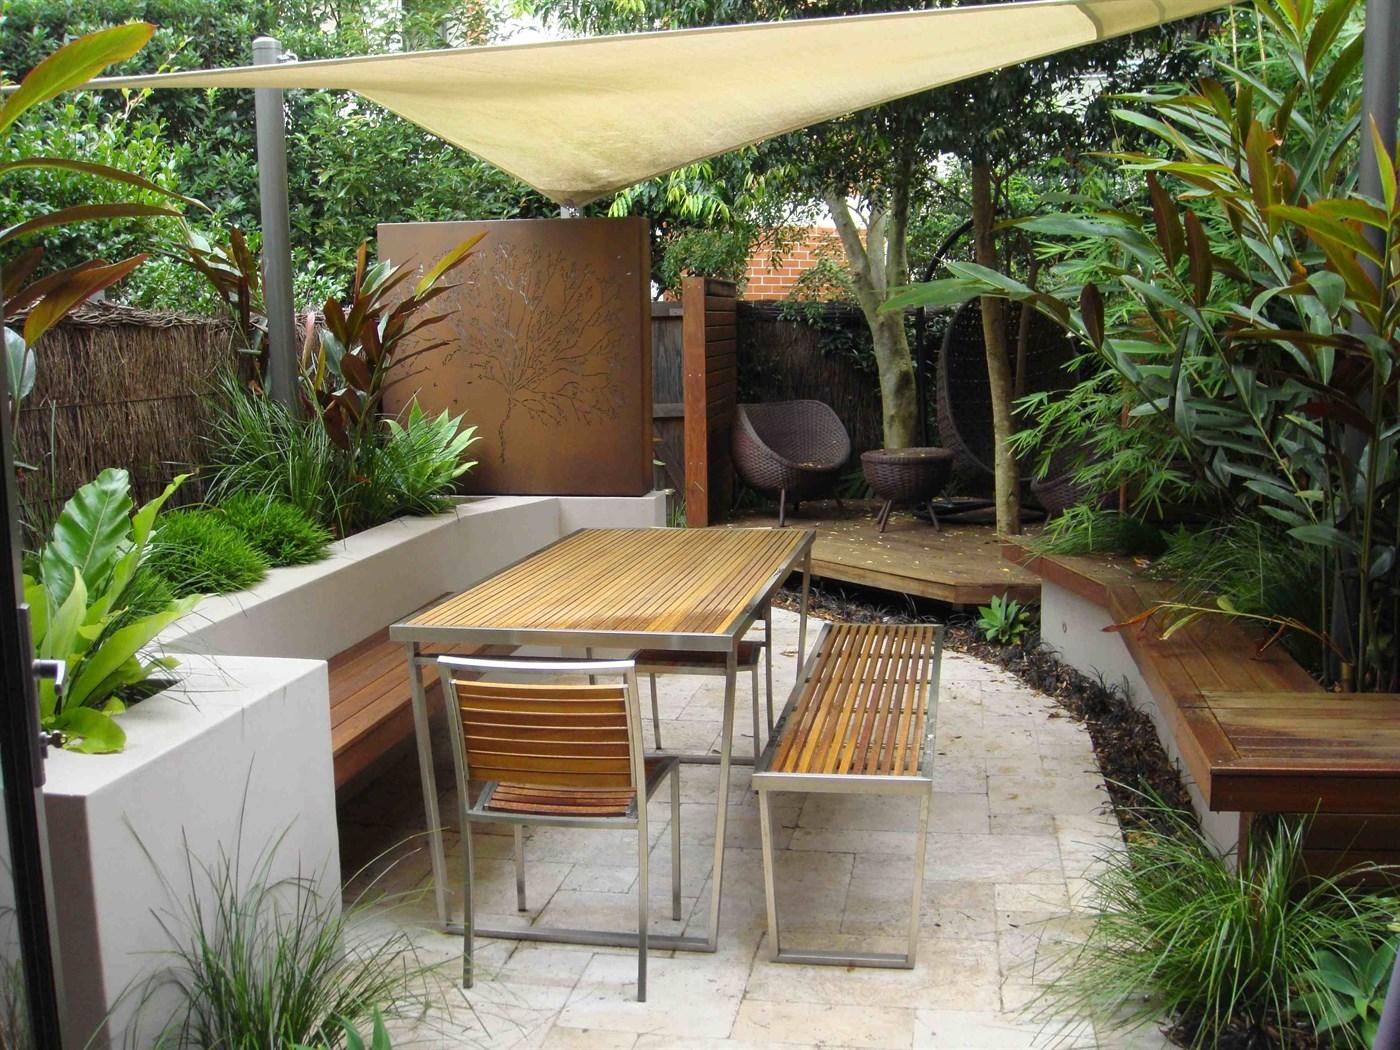 Residential Inner City Landscape Design For Entertaining Courtyard